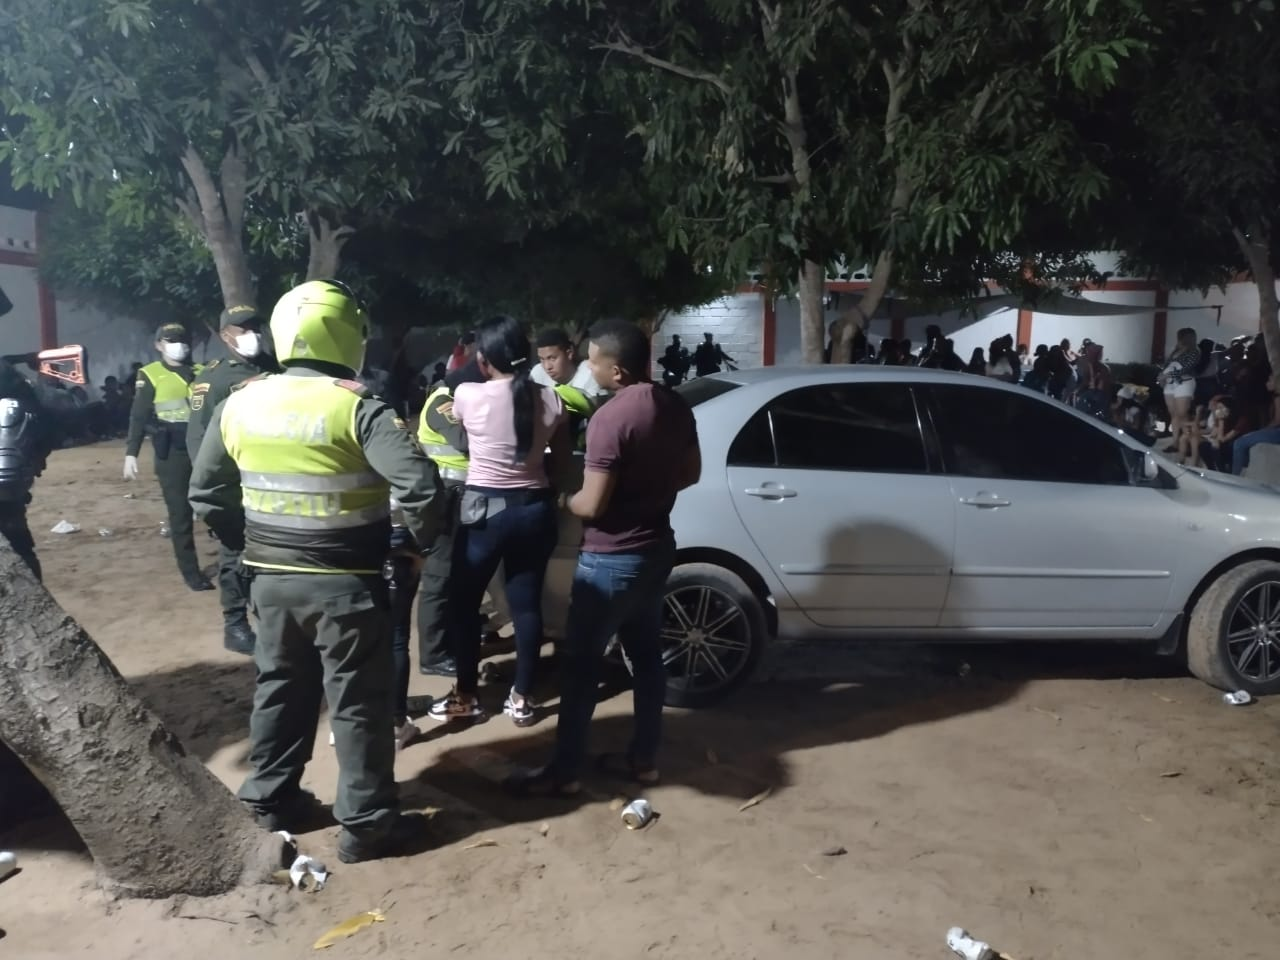 hoyennoticia.com, En Riohacha más de 200 personas estaban en una fiesta